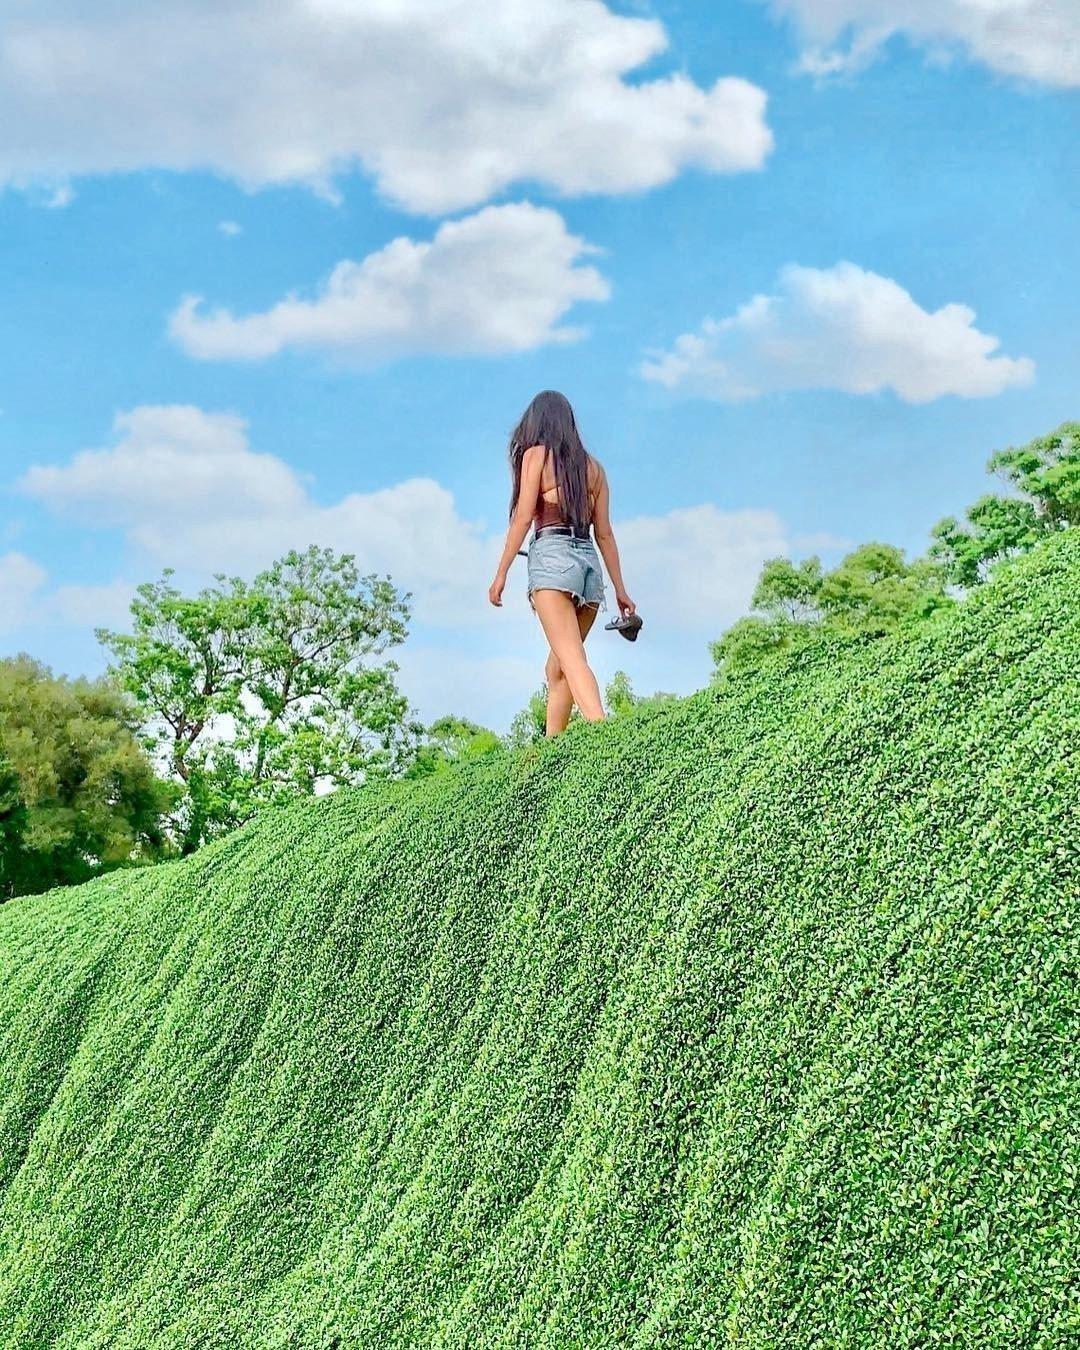 圖/赤腳走在綠色瀑布上,搭配藍天綠草,舒服的感受自然。網友m______1220...